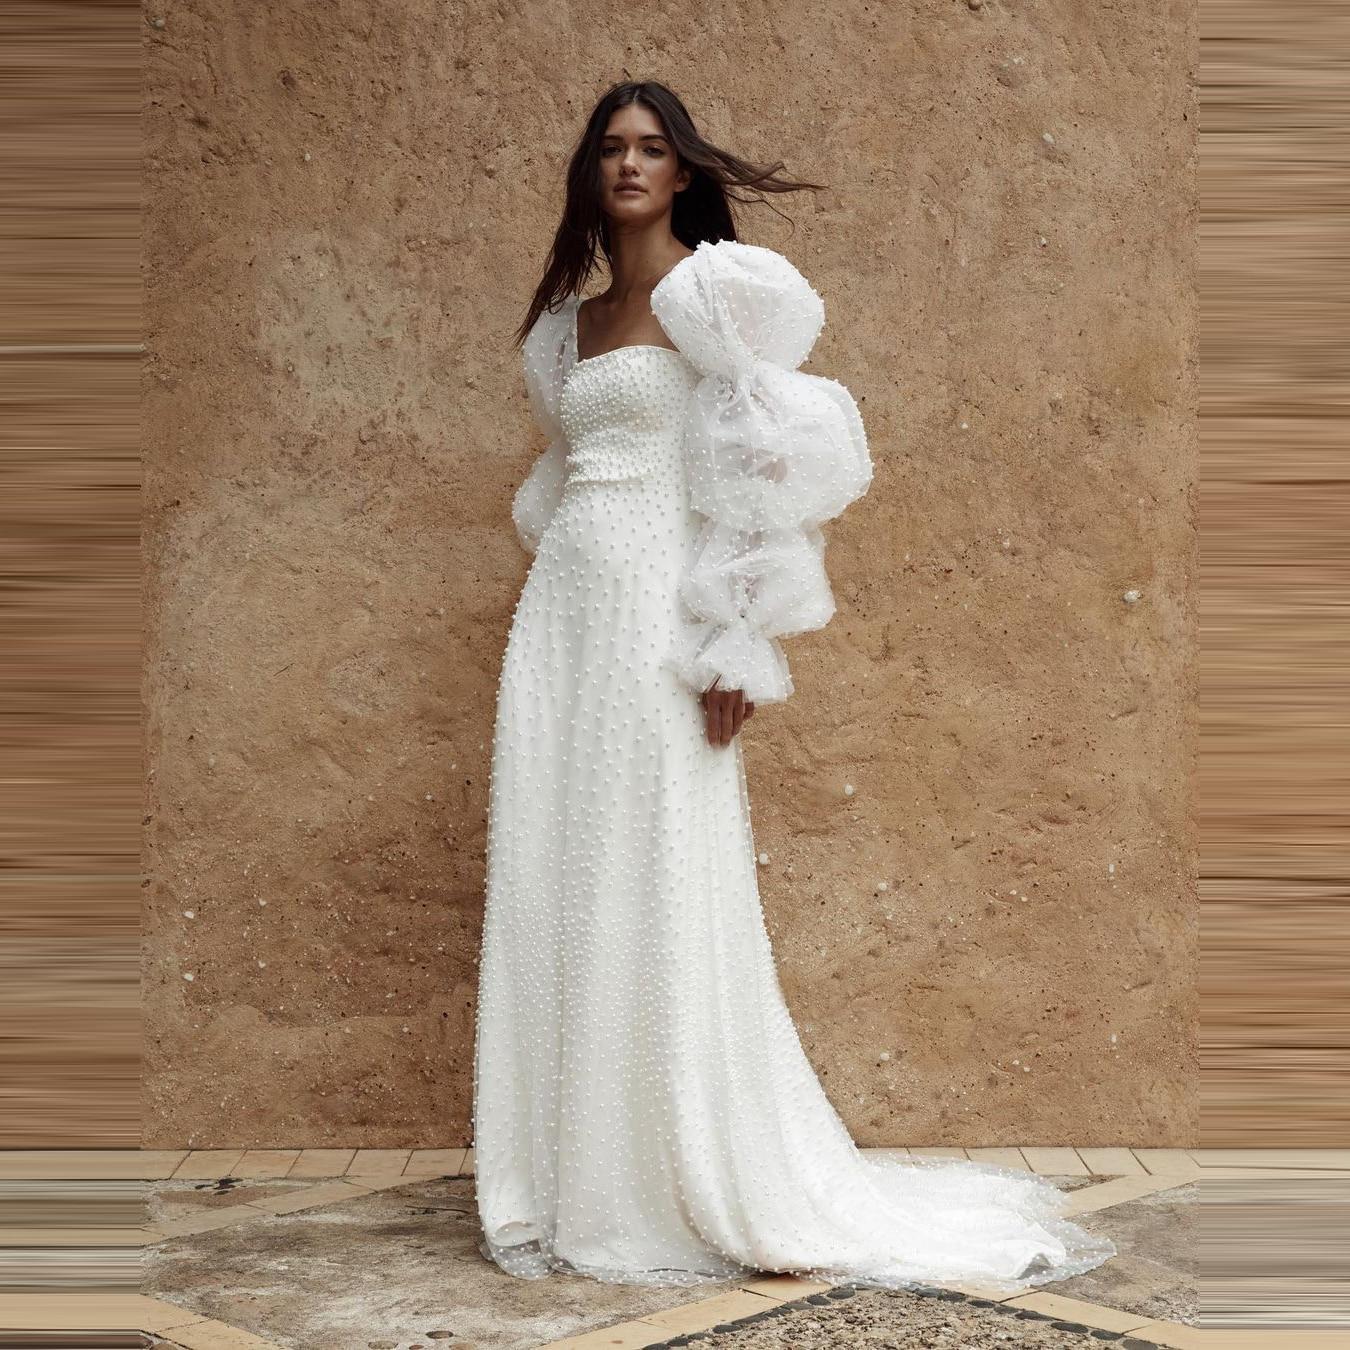 فساتين زفاف لؤلؤية لطيفة منتفخة بأكمام طويلة خط حجم كبير نمط دبي فساتين الزفاف مصنوعة حسب الطلب